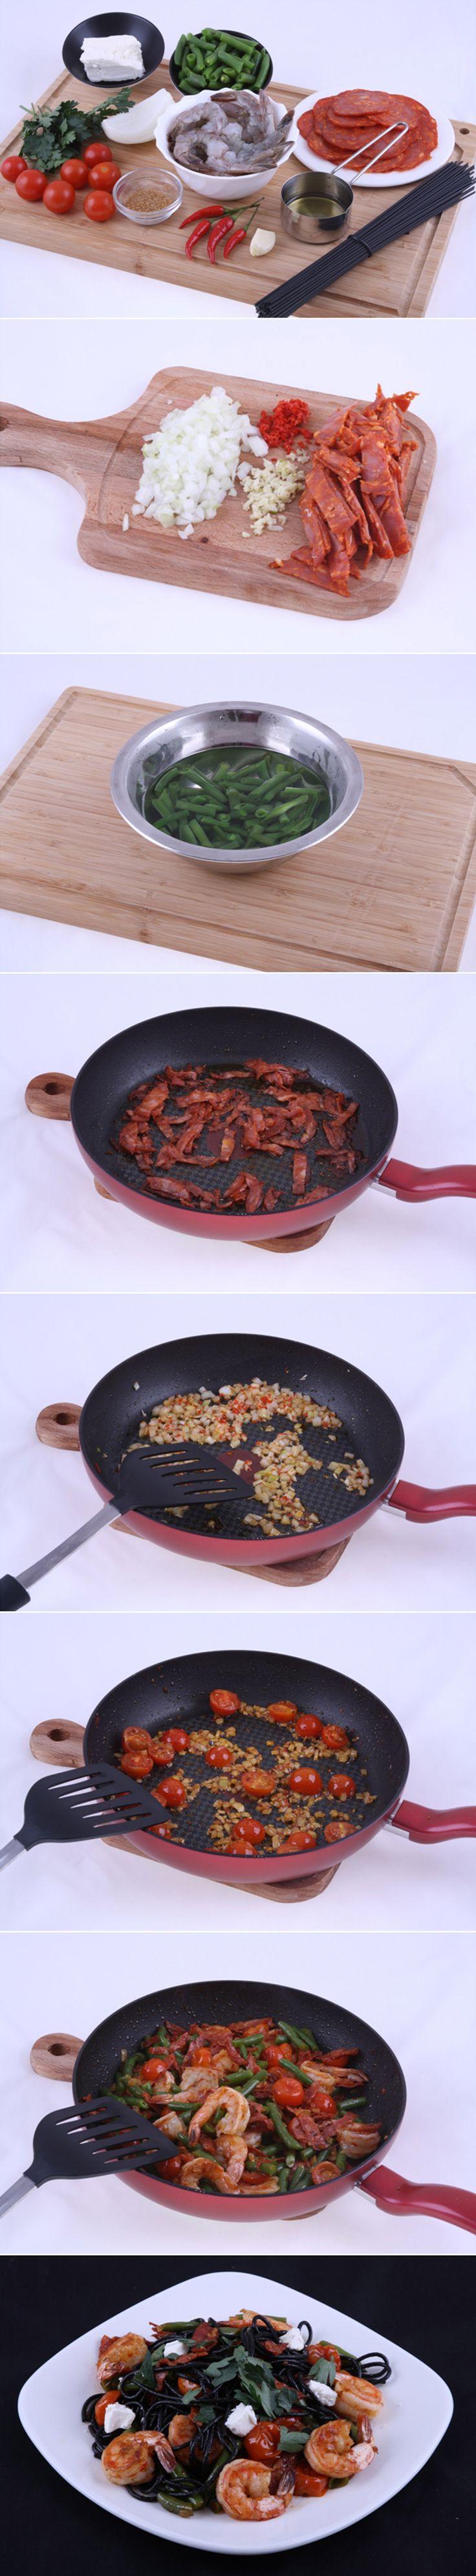 Черная лапша с креветками. Рецепт очень вкусного и необычного блюда. Приготовить это кушанье предельно просто и в этом вам поможет наше пошаговое описание с фото. Приготовление займет всего 15 минут! Полный список ингредиентов и способ приготовления блюда вы можете увидеть в...http://vk.com/dinnerday; http://instagram.com/dinnerday #спагетти #кулинария #лапша #колбаса #креветки #сыр #рецепт #еда #рецепты #dinnerday #food #cook #recipe #recipes #noodles #spaghetti #shrimp #cheese #sausage